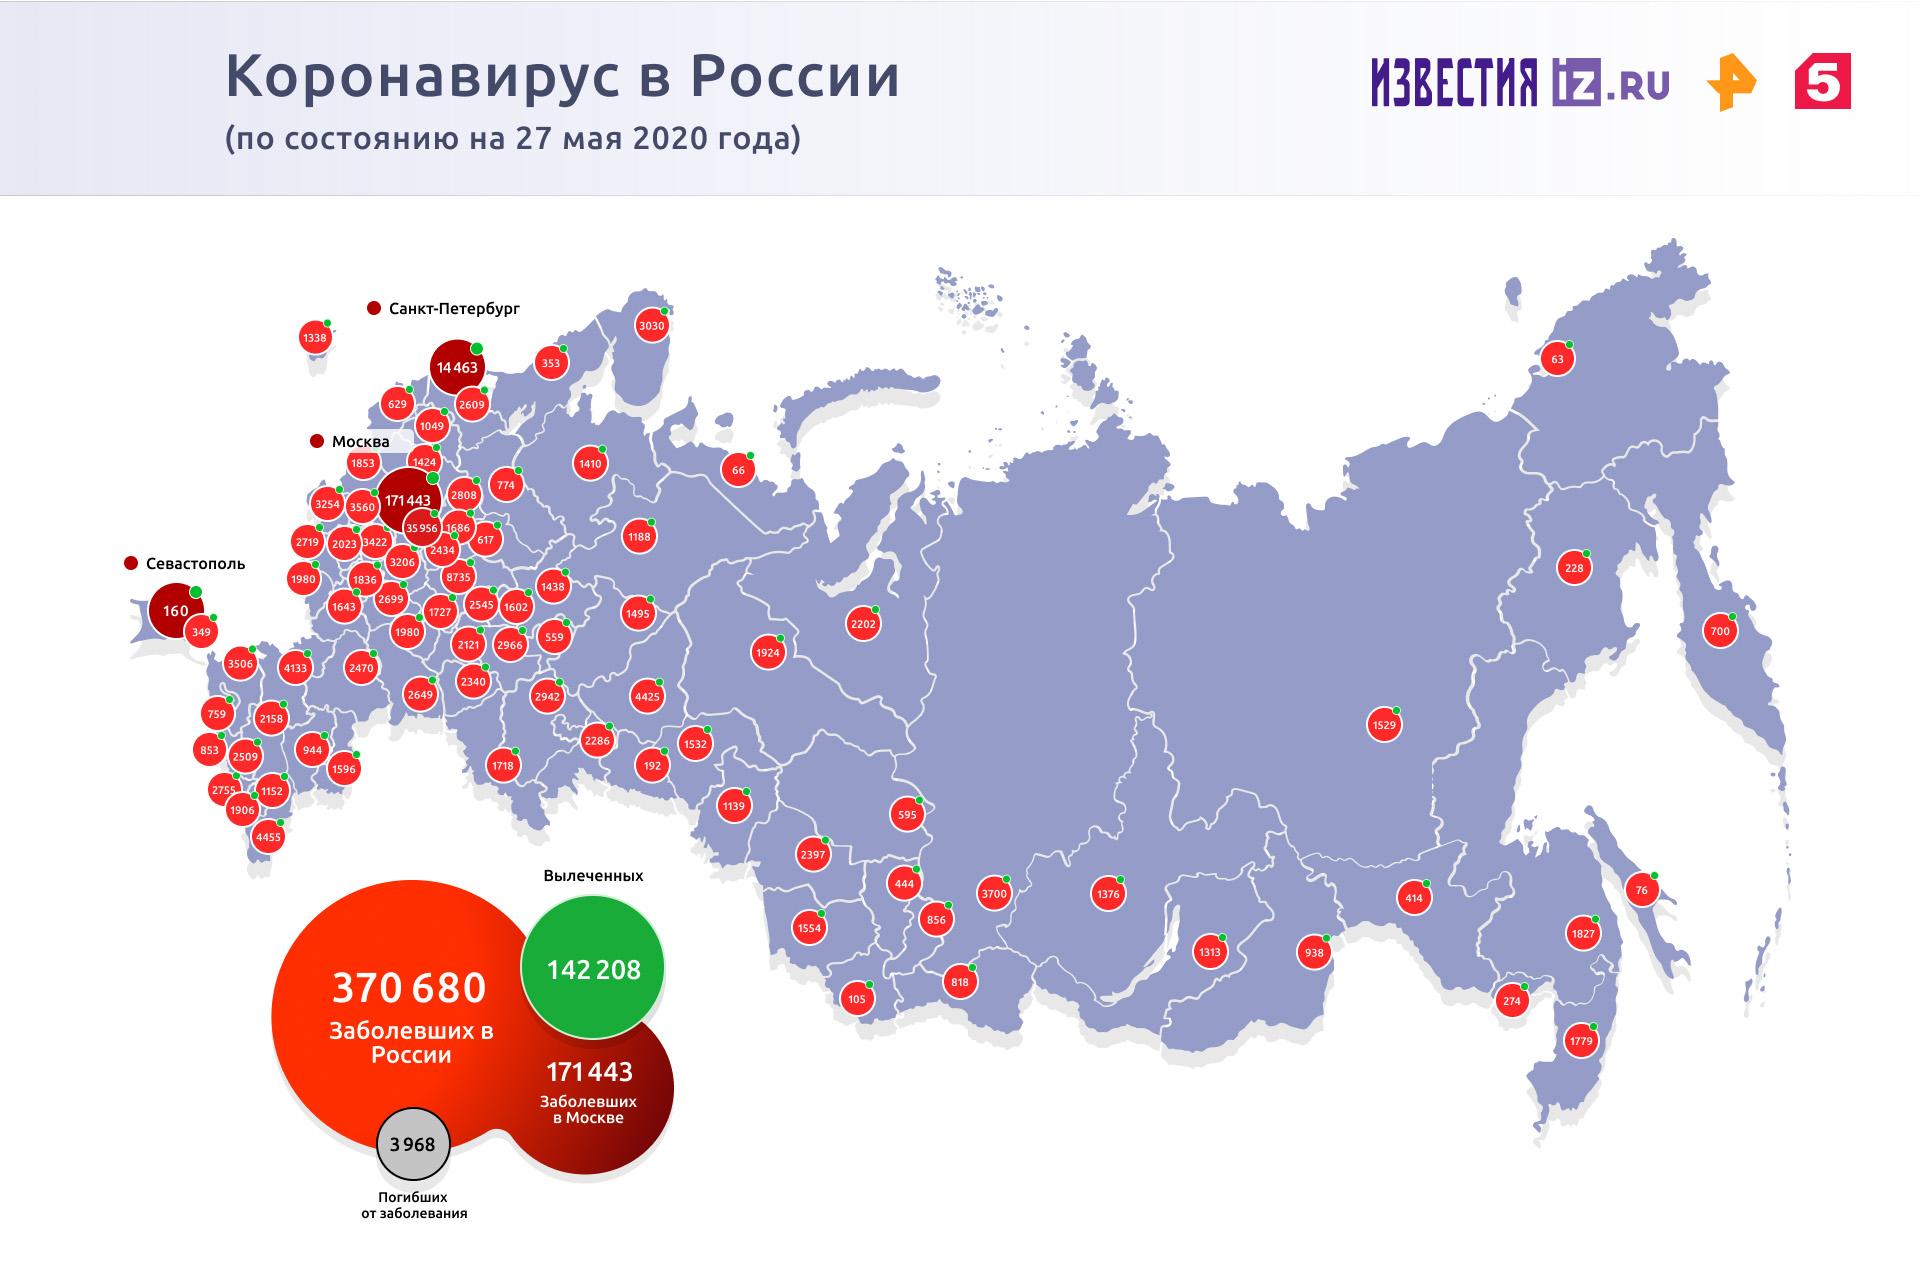 В Хабаровске возбудили дело за фейк о росте преступности во время пандемии